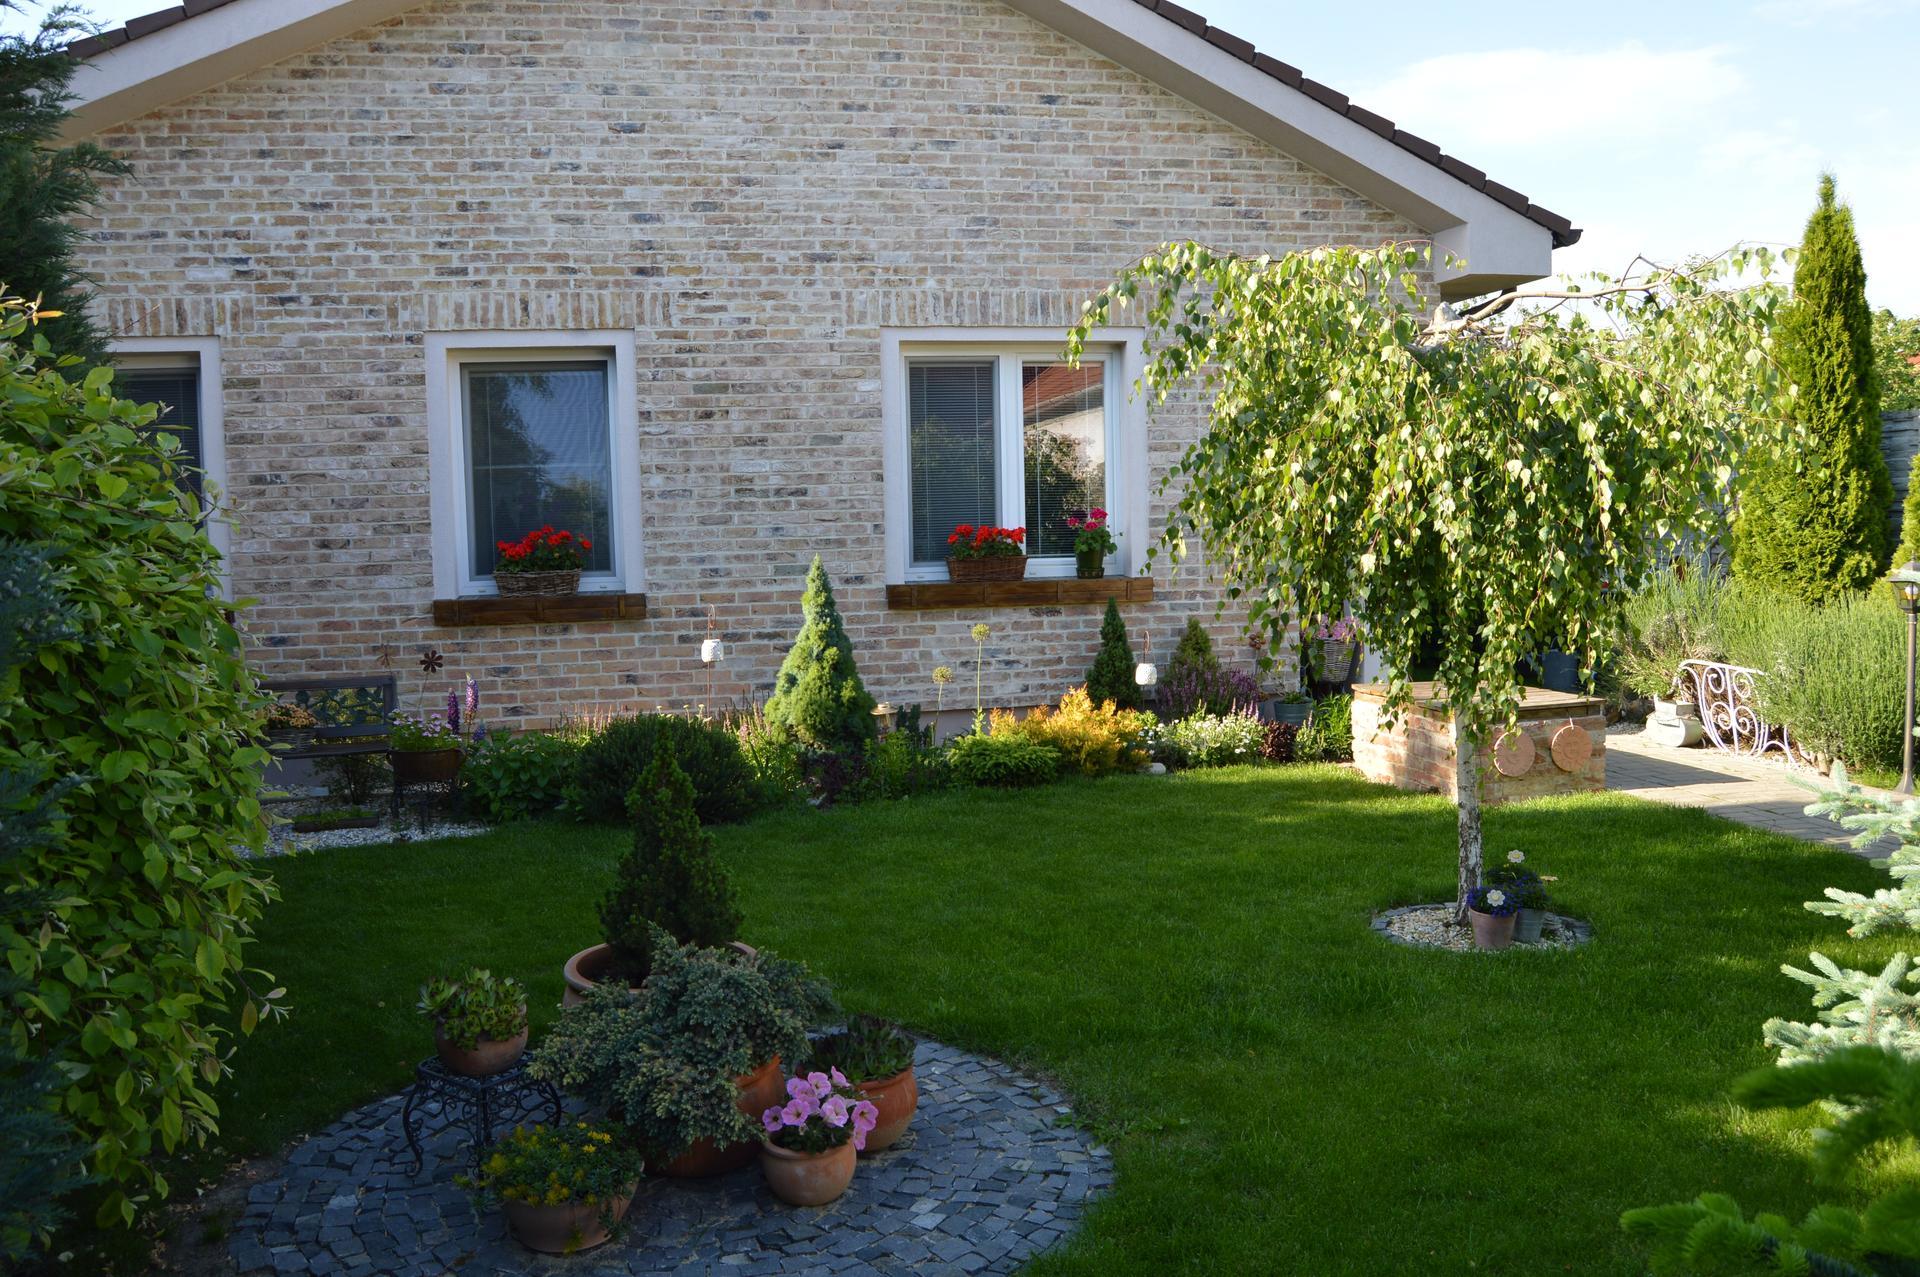 Záhrada a terasa 2021 - Obrázok č. 27